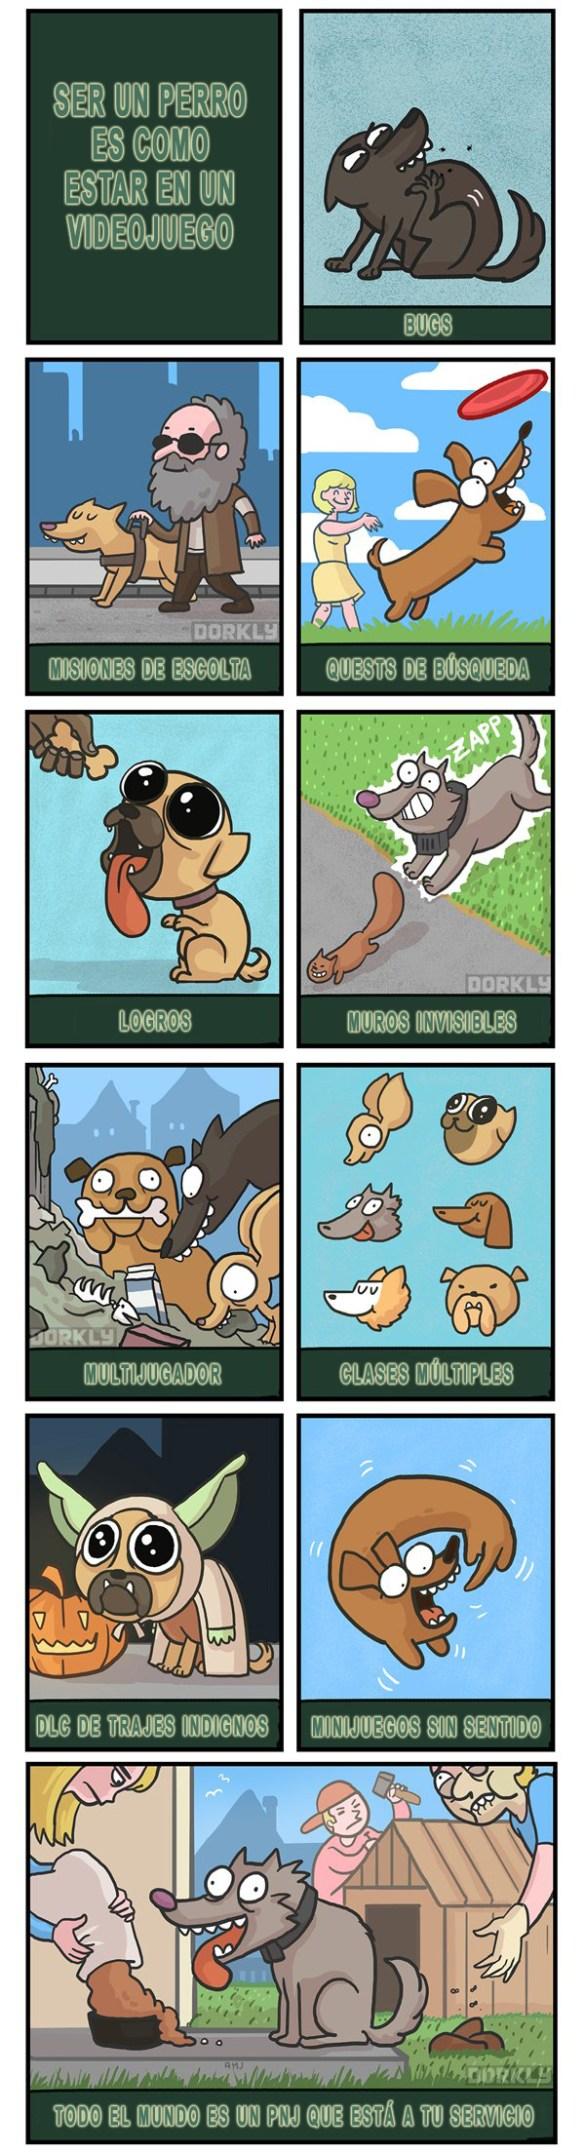 perros son videojuegos El Telesketch (81)